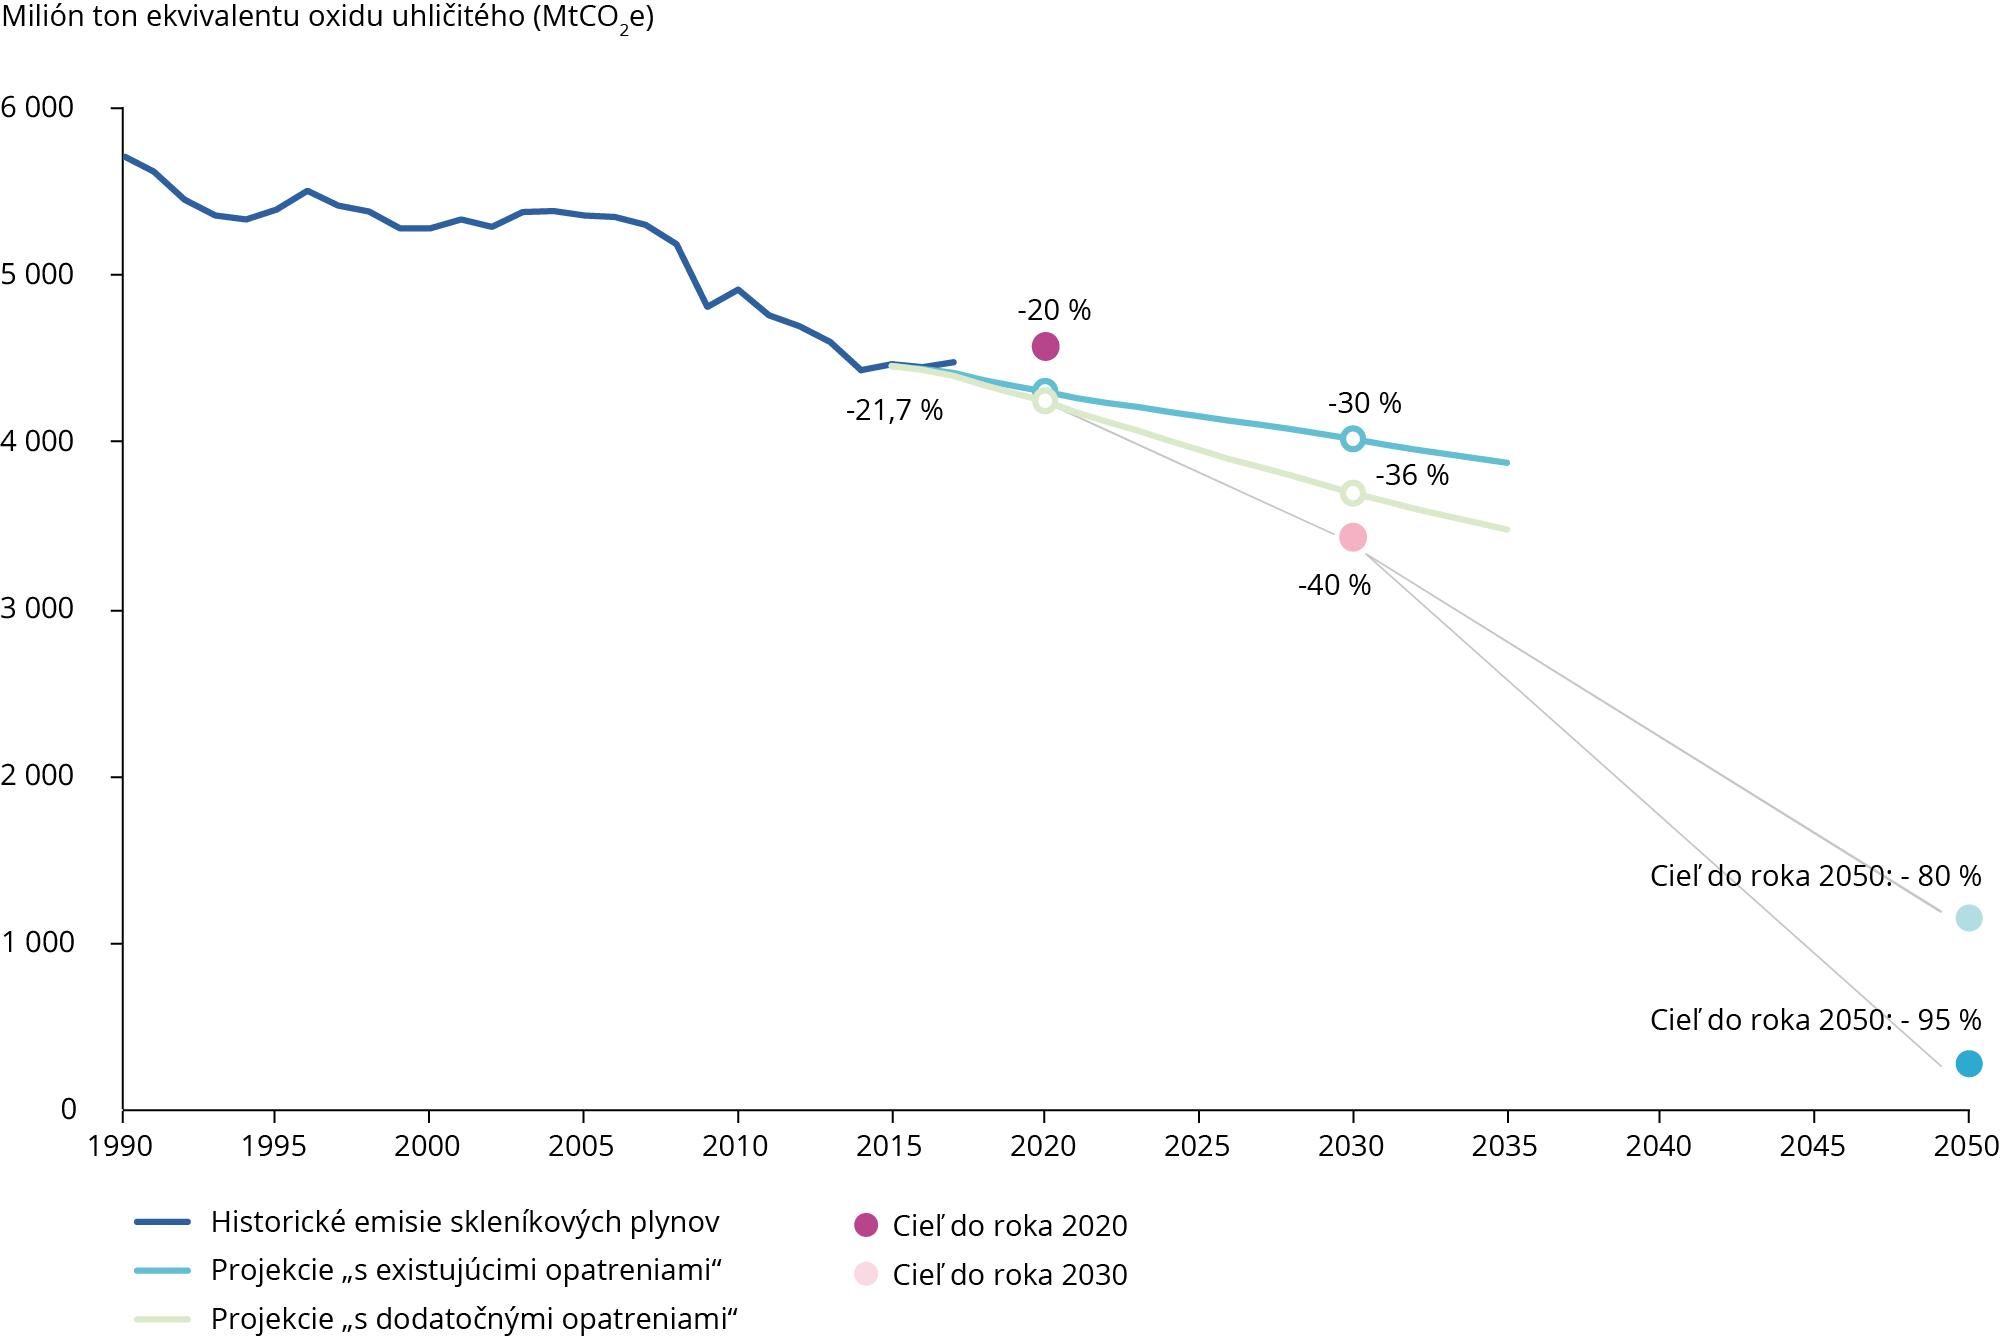 Trendy a projekcie v oblasti emisií skleníkových plynov v EÚ-28, 1990 – 2050